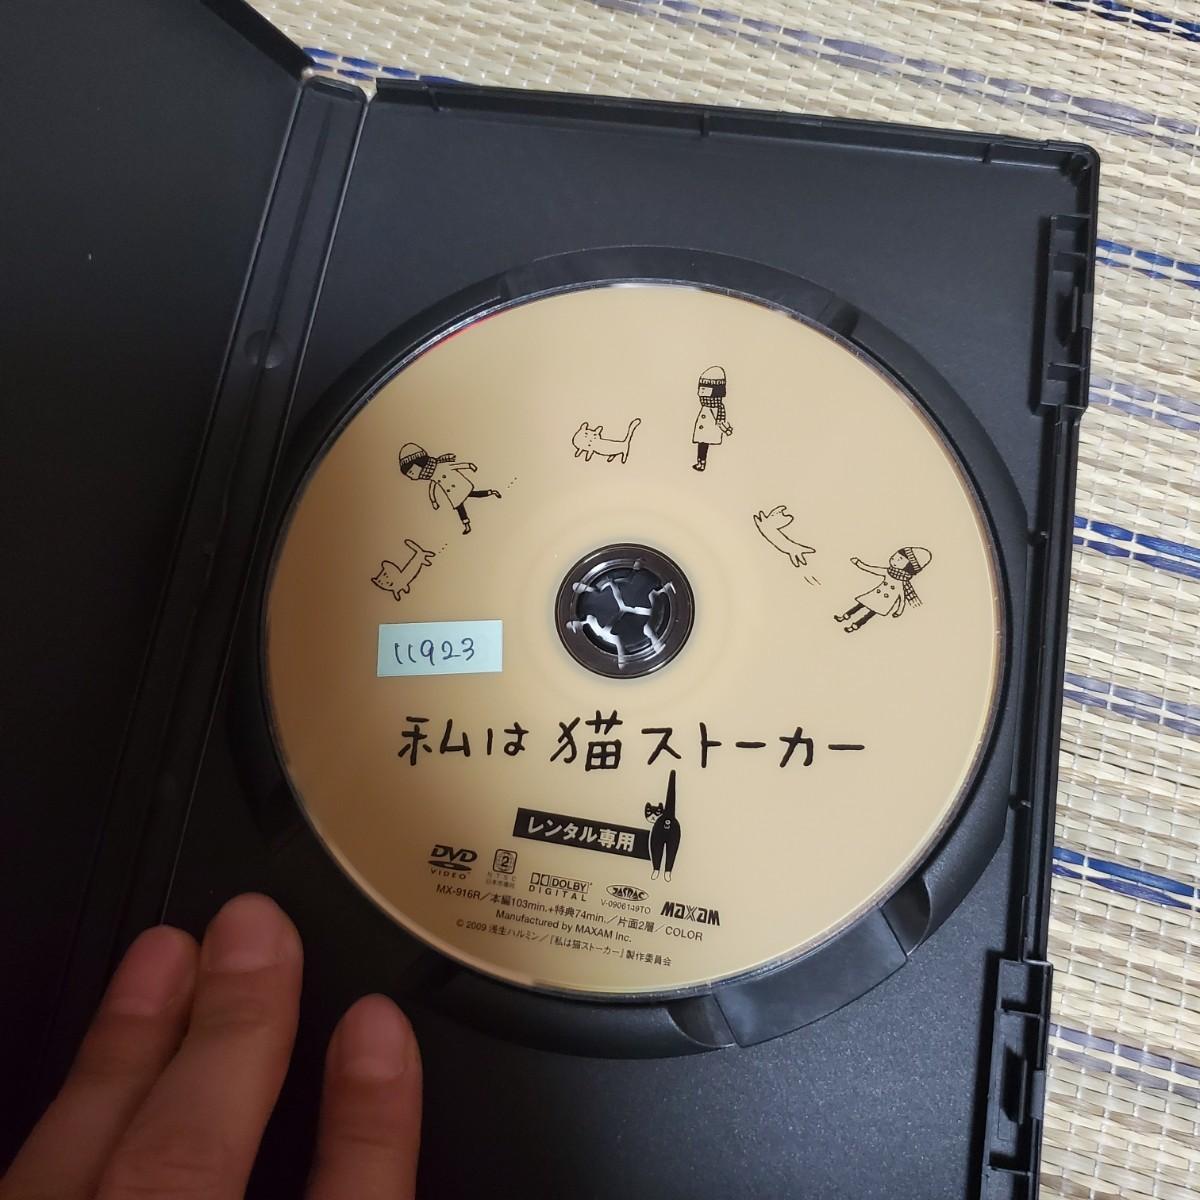 【DVD】私は猫ストーカー